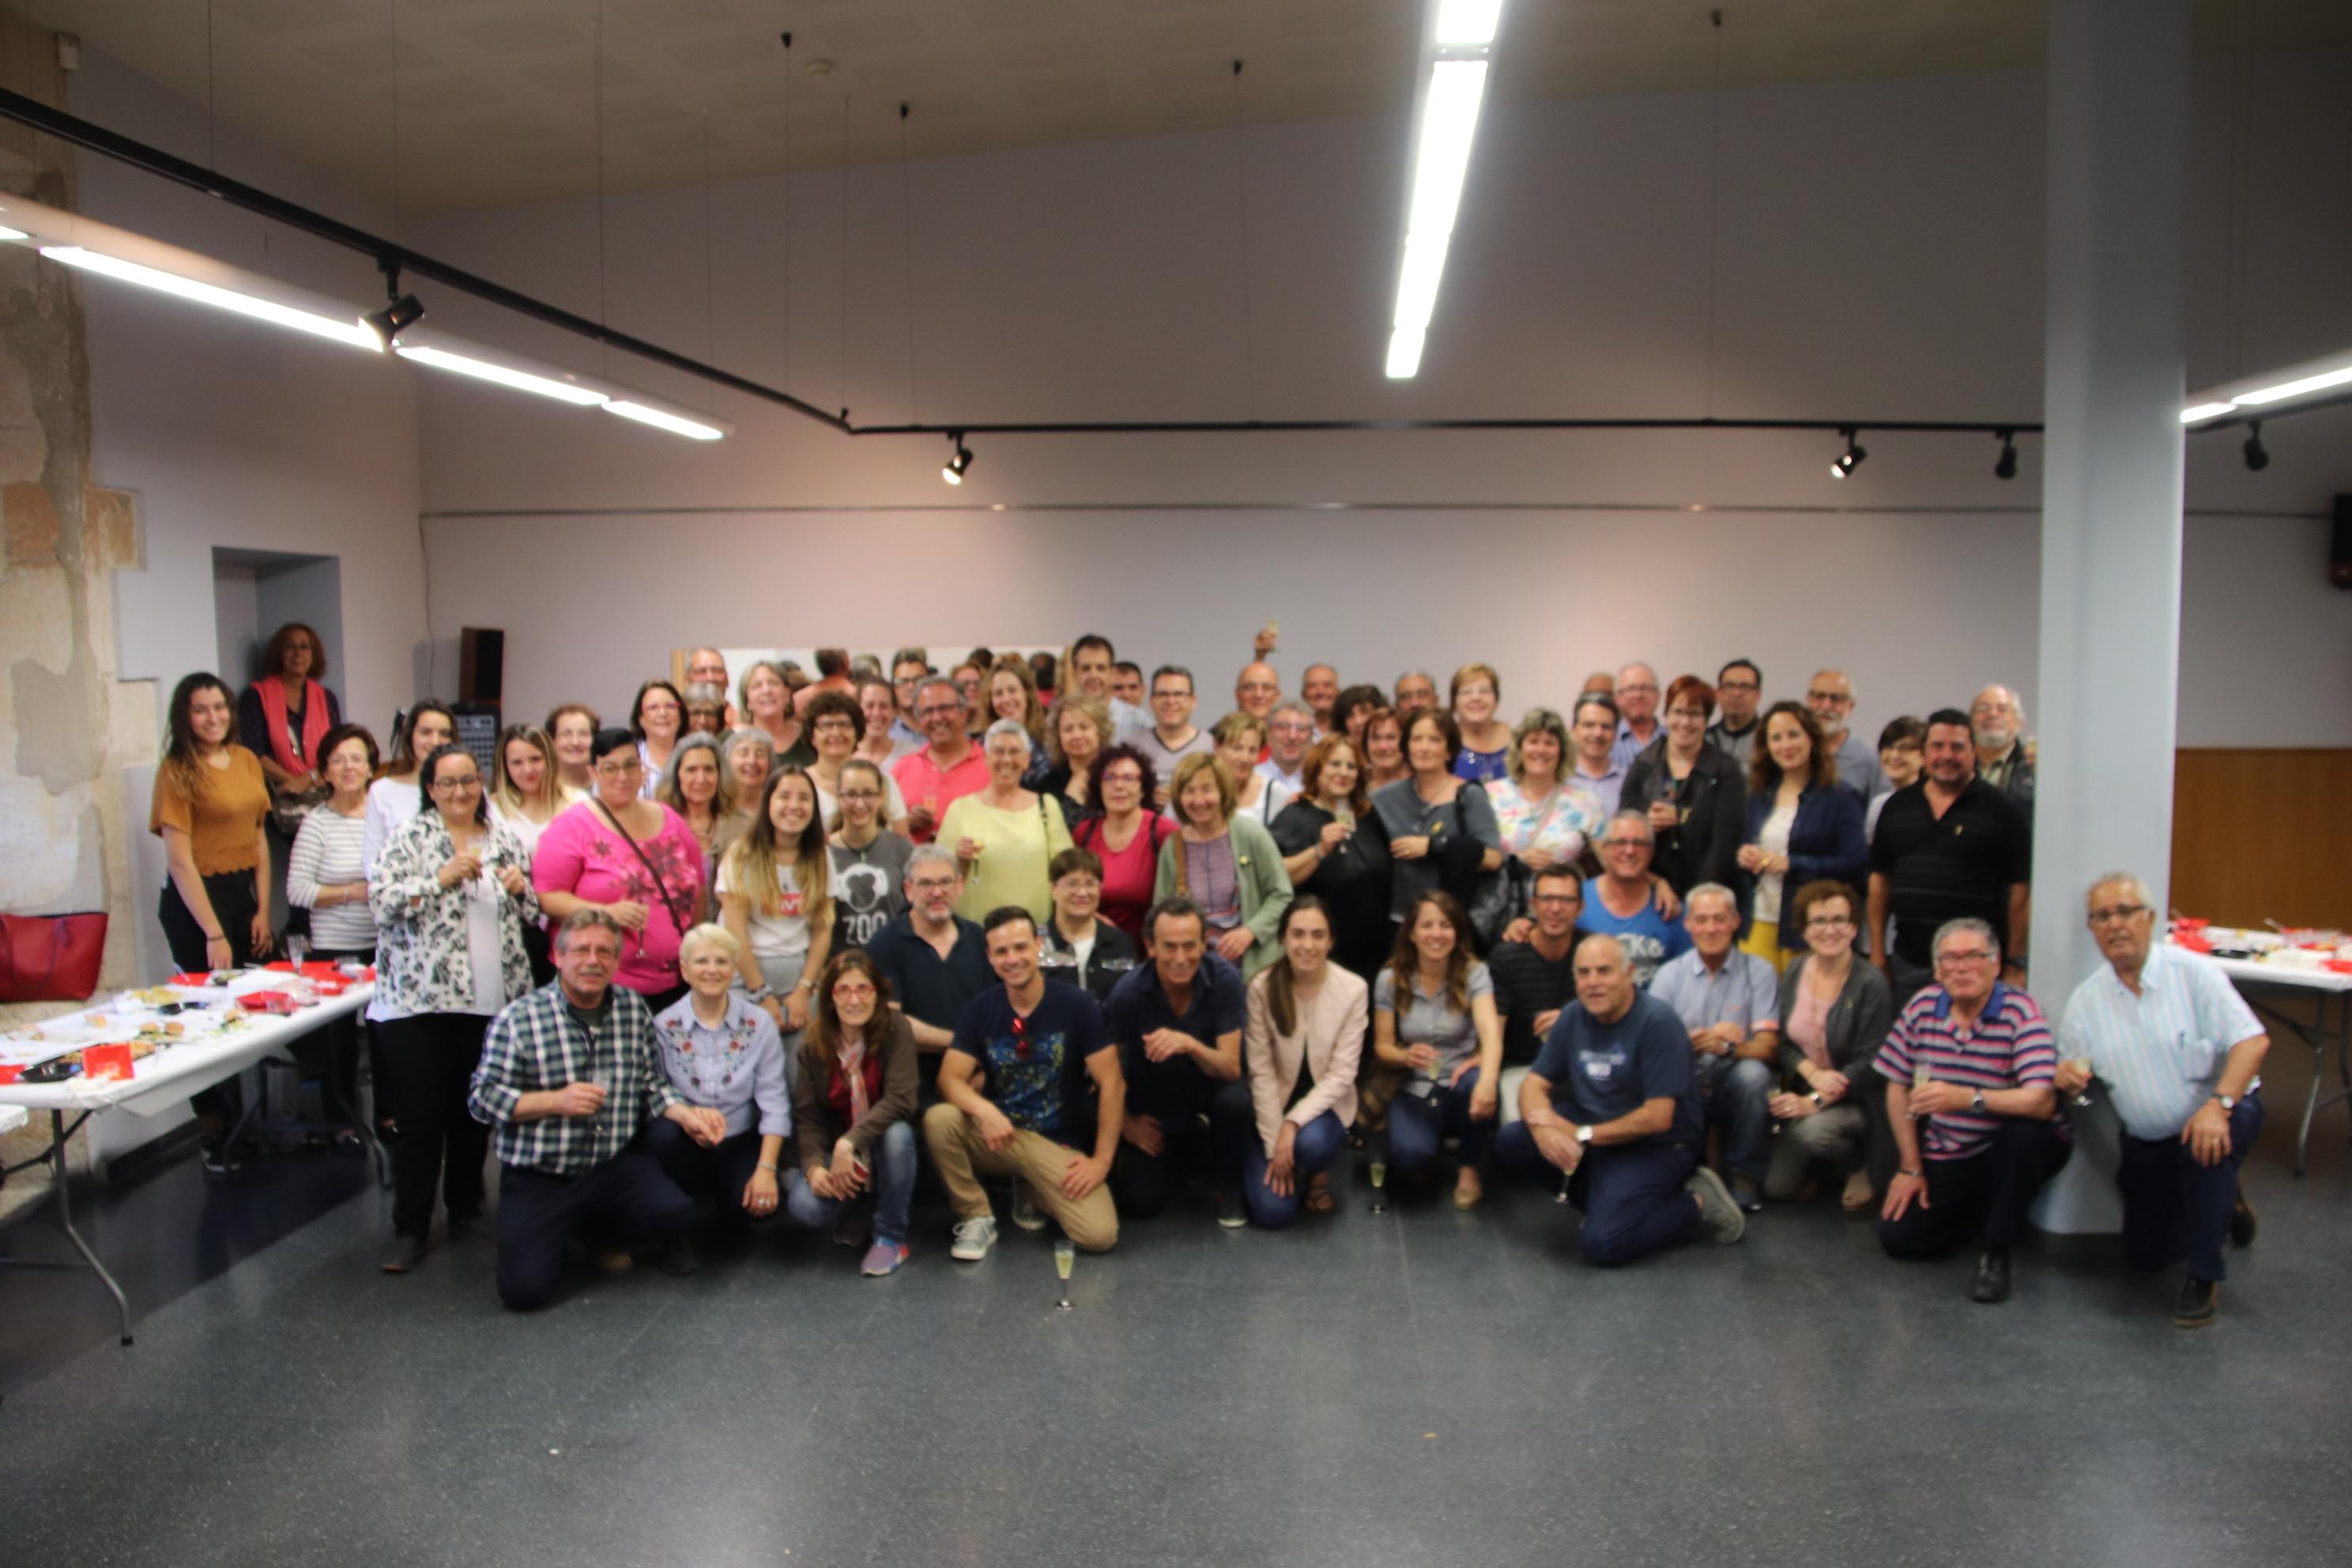 L'Ajuntament de la Bisbal ret homenatge als voluntaris del municipi